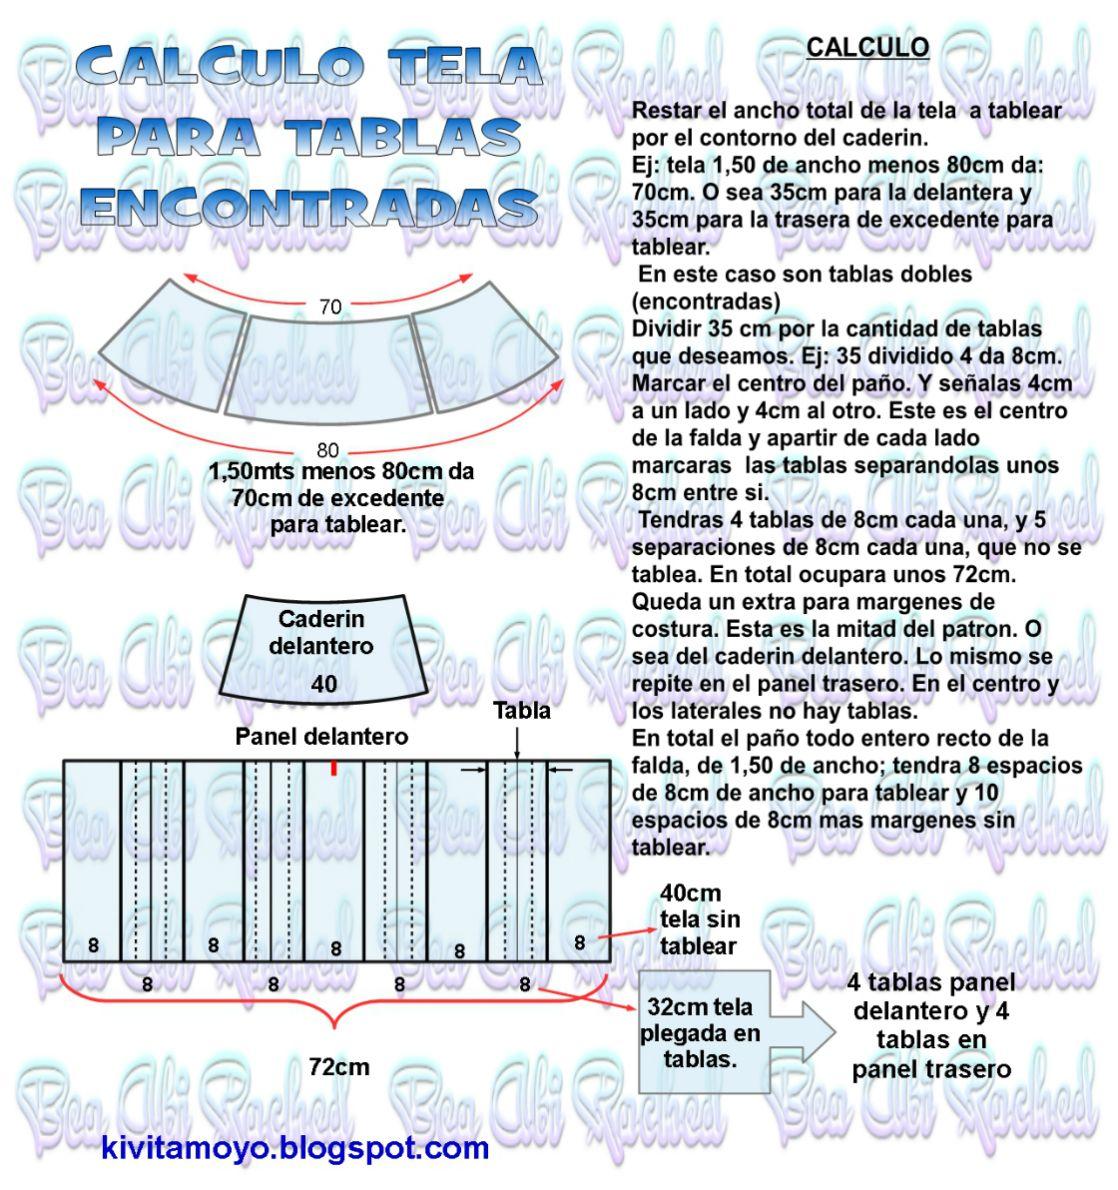 KiVita MoYo: CALCULO DE TABLAS ENCONTRADAS CON CADERIN | CONDISMOD ...